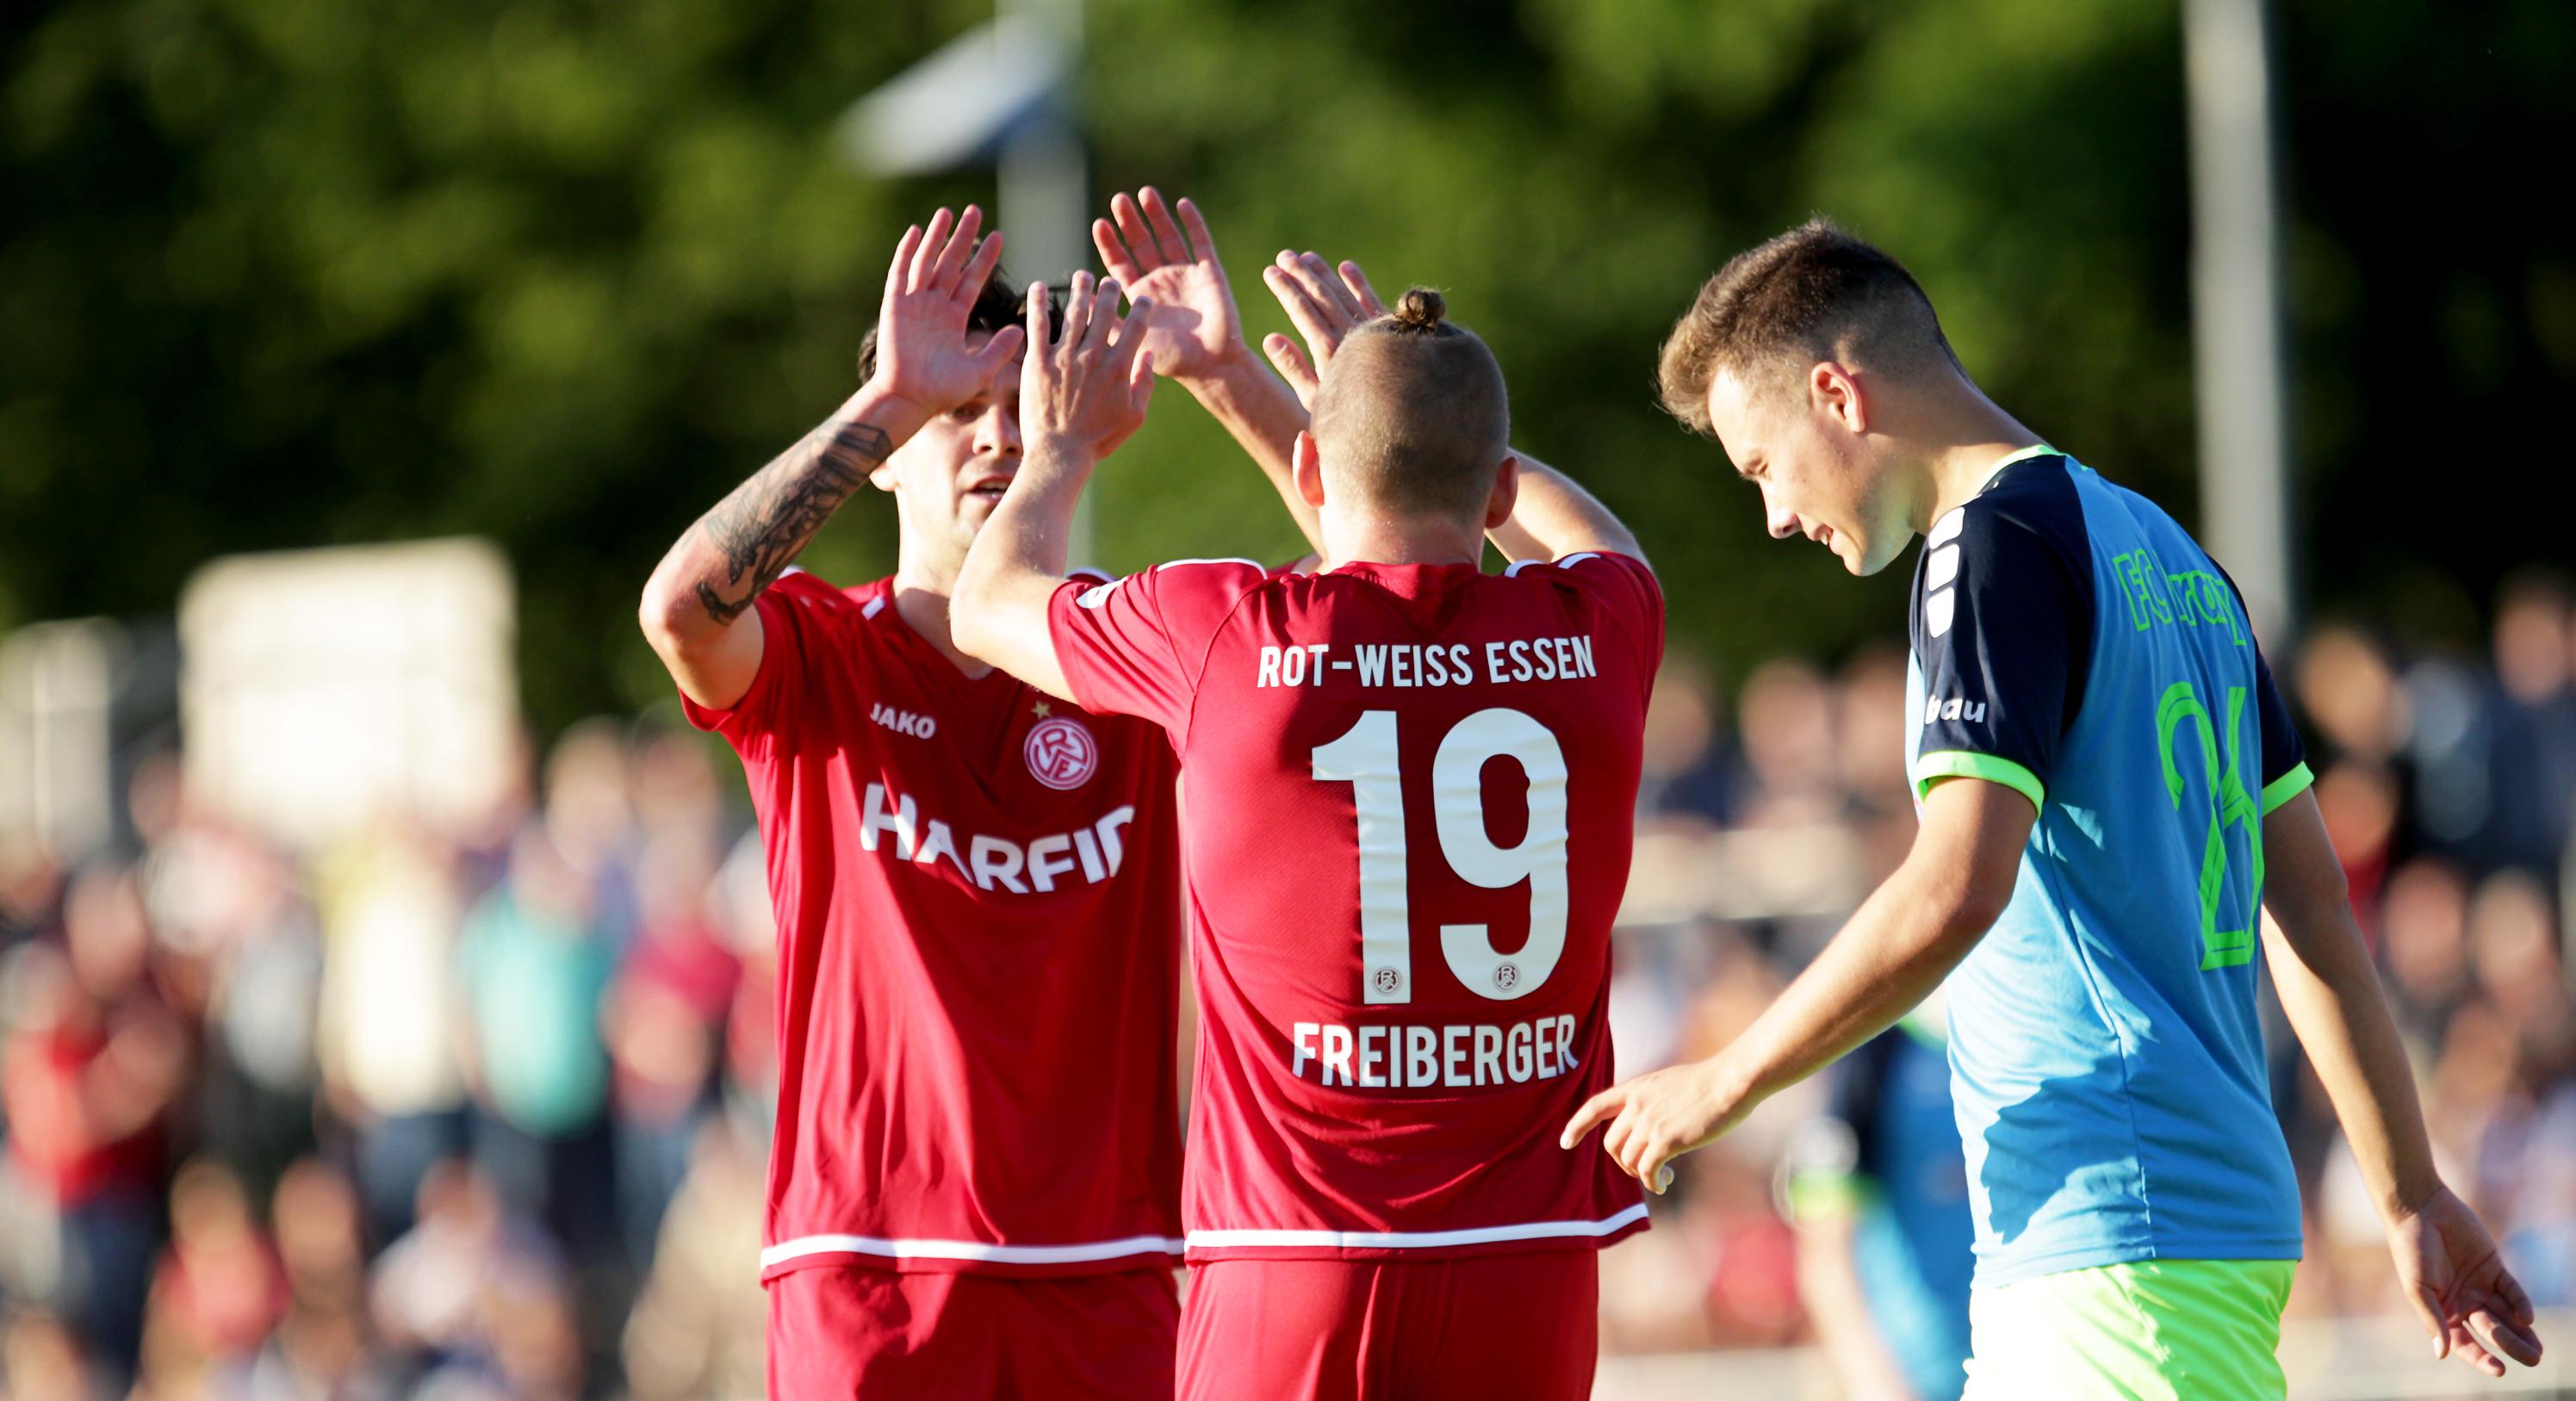 Mit 3:1 schlugen die Rot-Weissen den FC Kray. (Foto: Endberg)